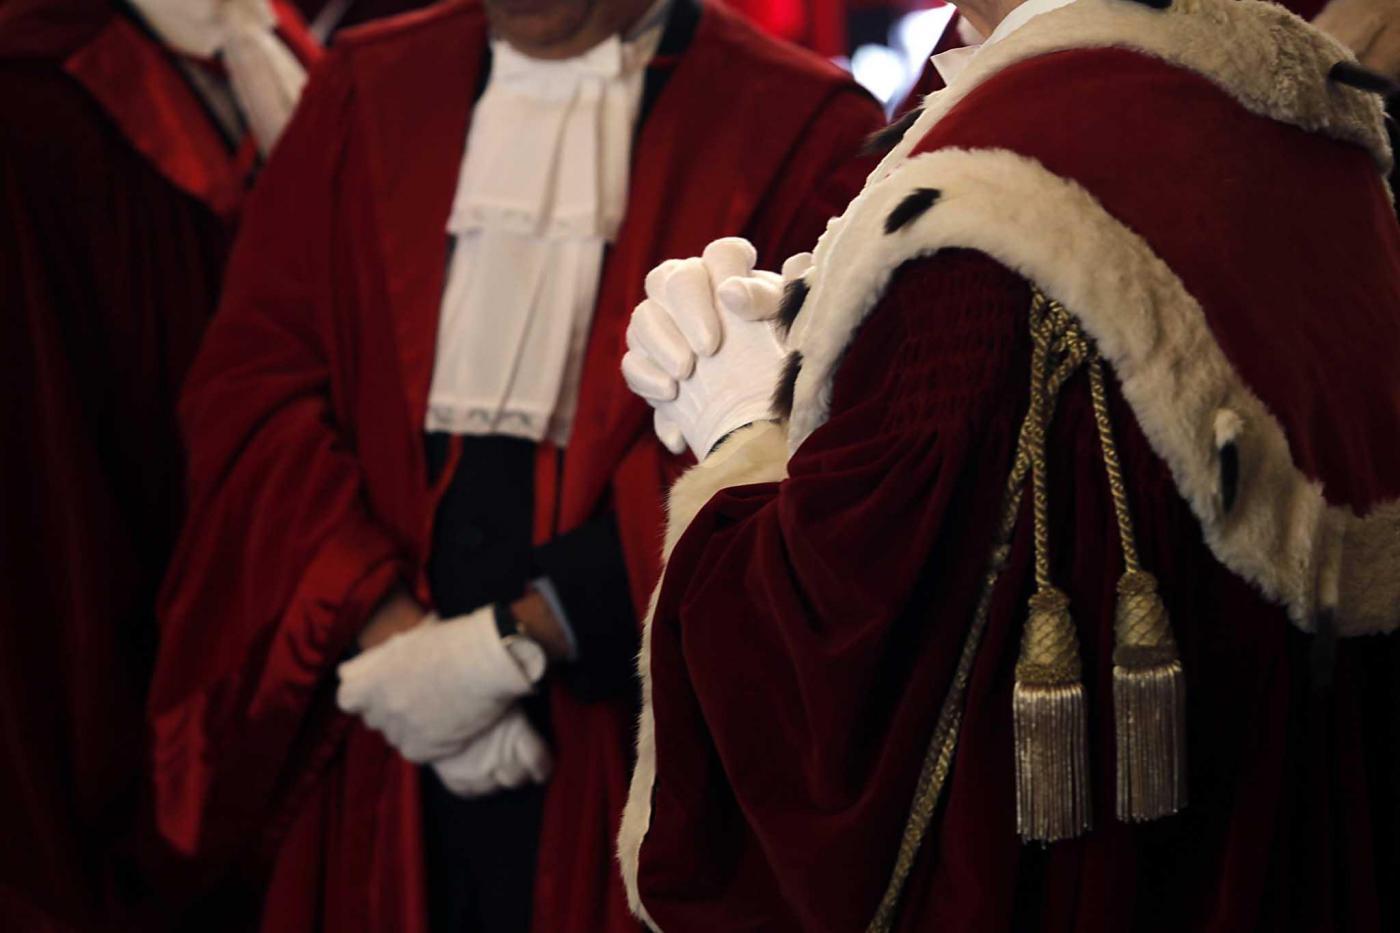 Quanto guadagnano i dipendenti pubblici? I giudici battono tutti